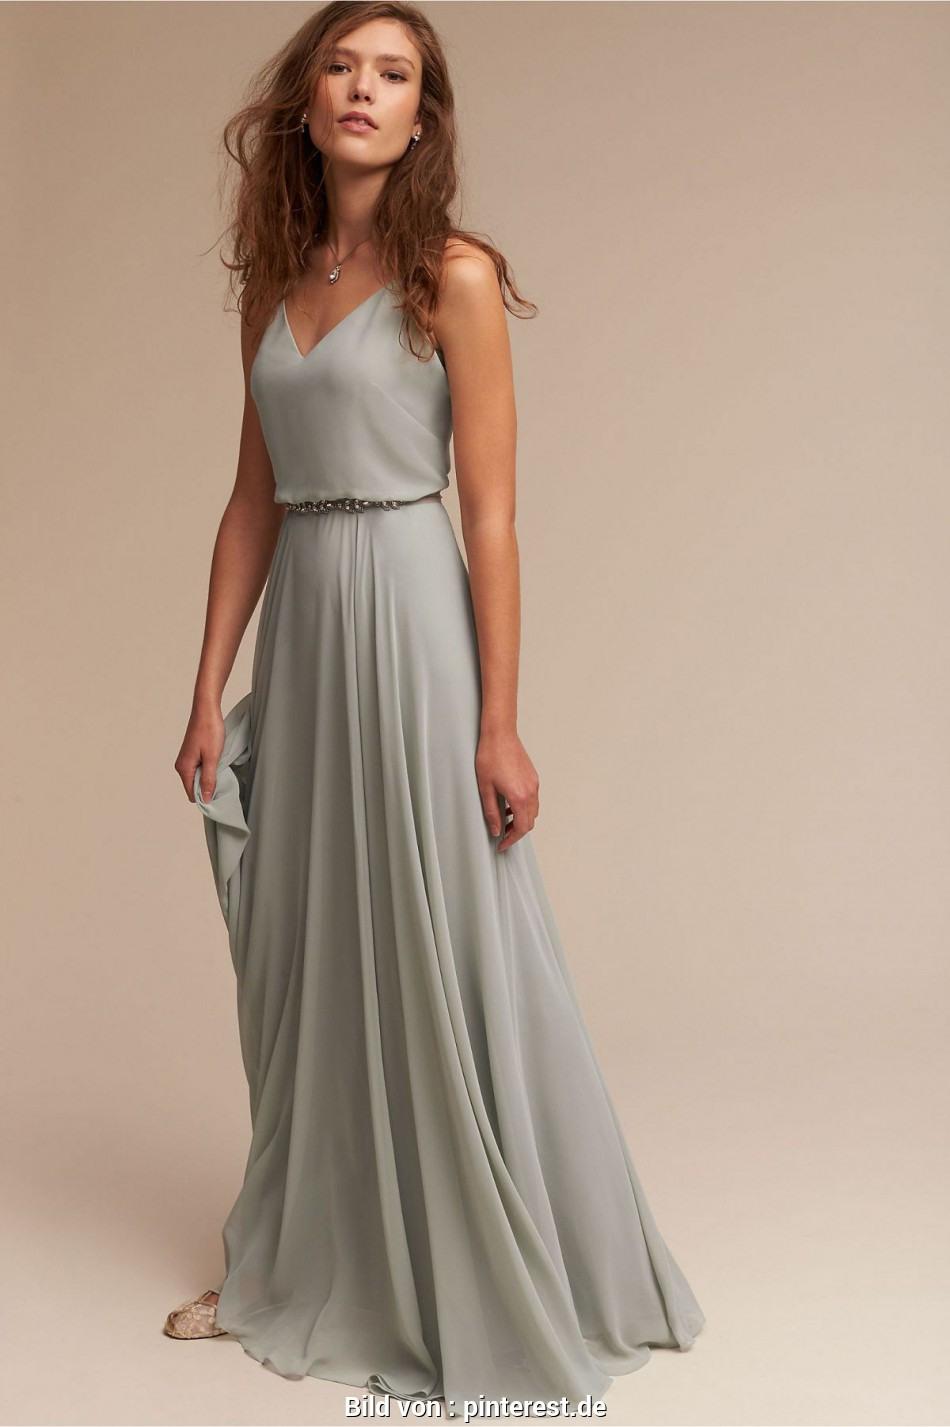 Fabelhaft Abendkleider Für, Hochzeit - Munidwyn